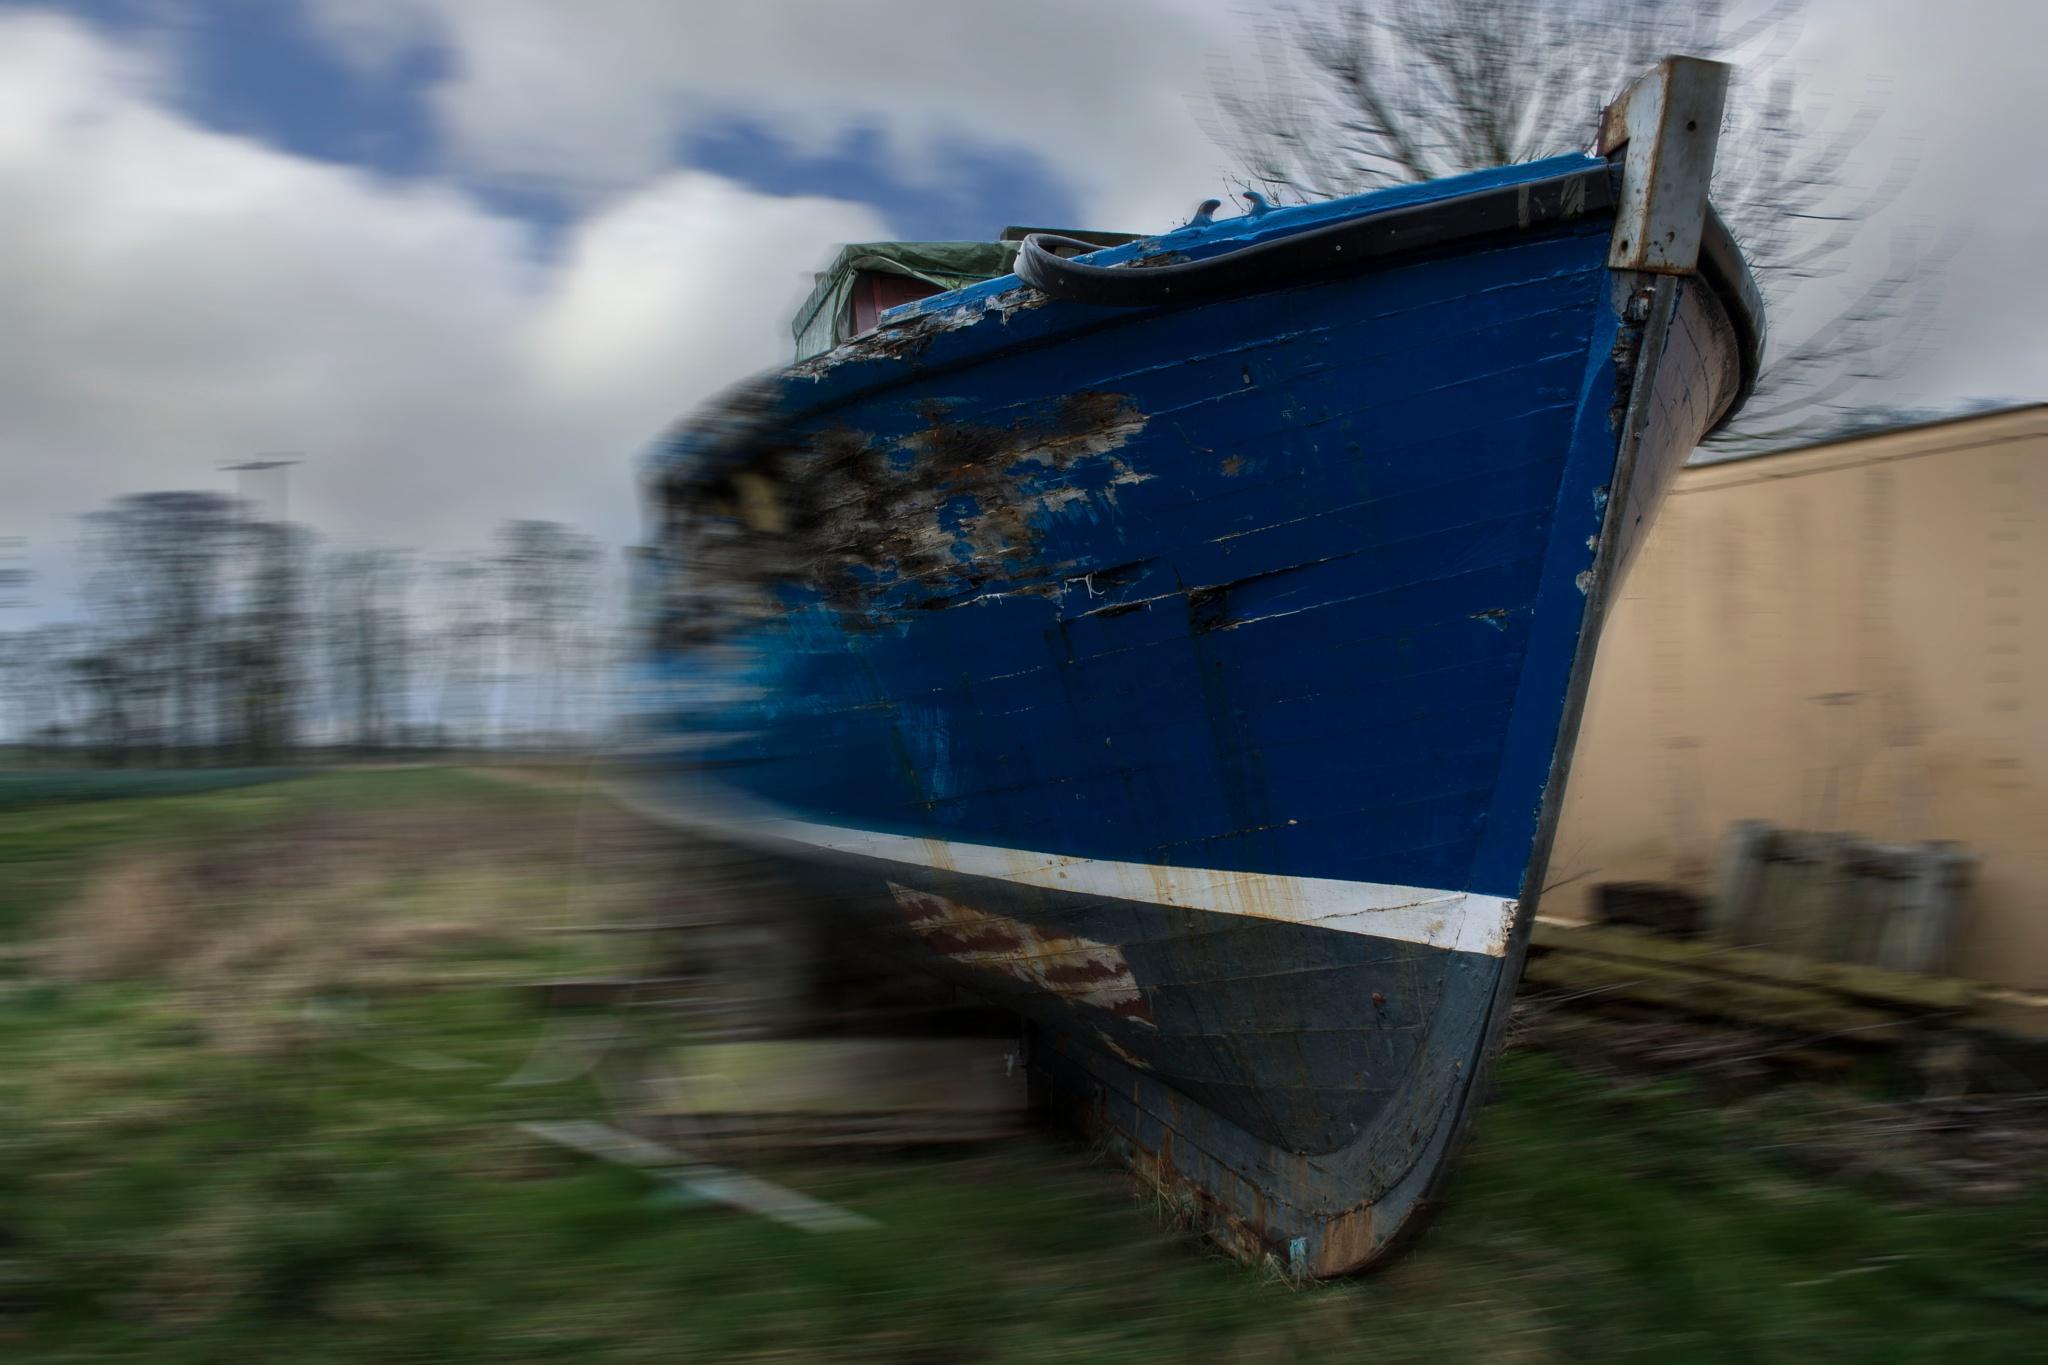 Overshot The Slipway by David Drummond